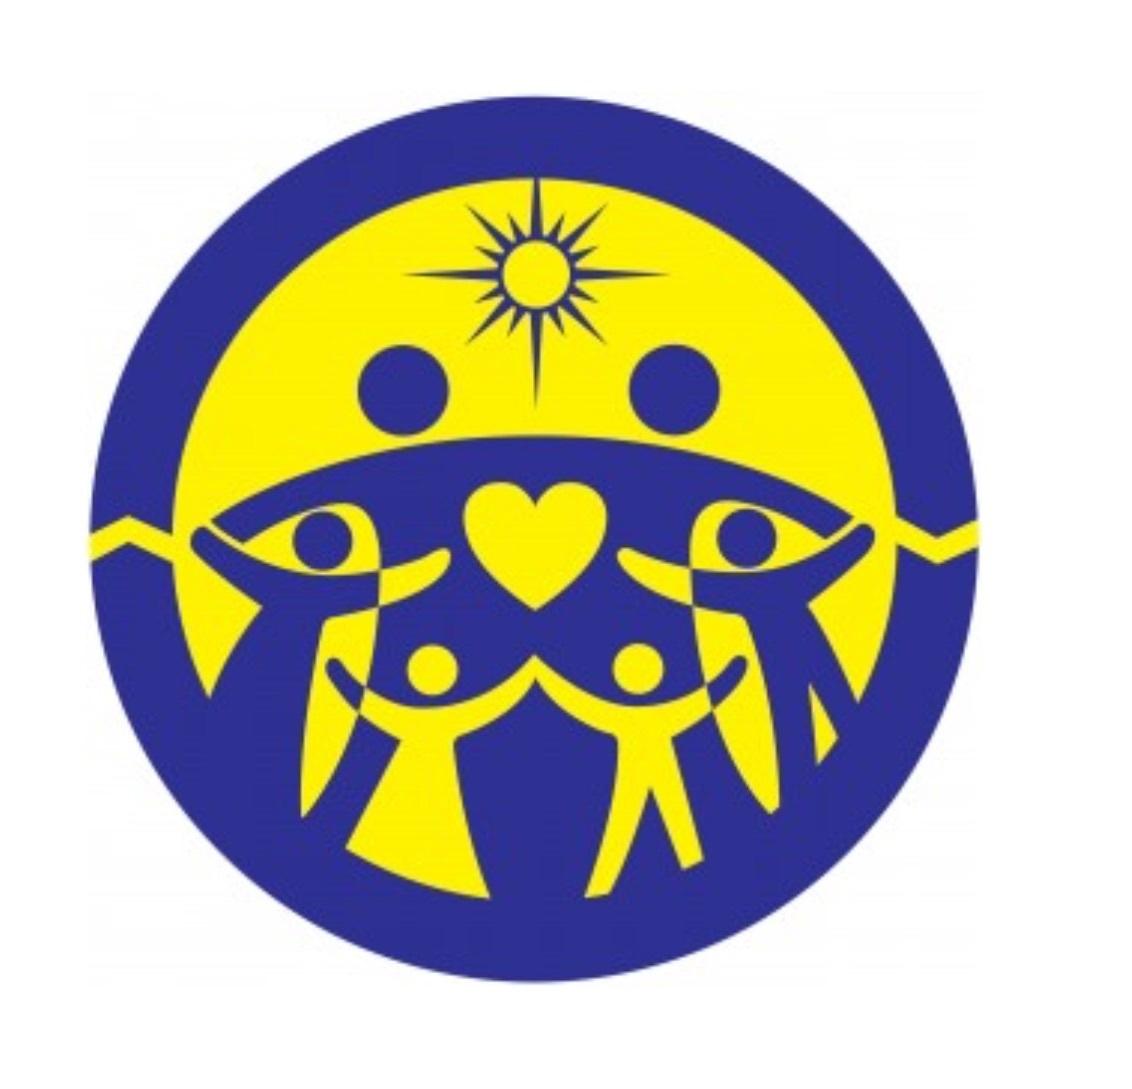 統一 家庭 平和 連合 世界